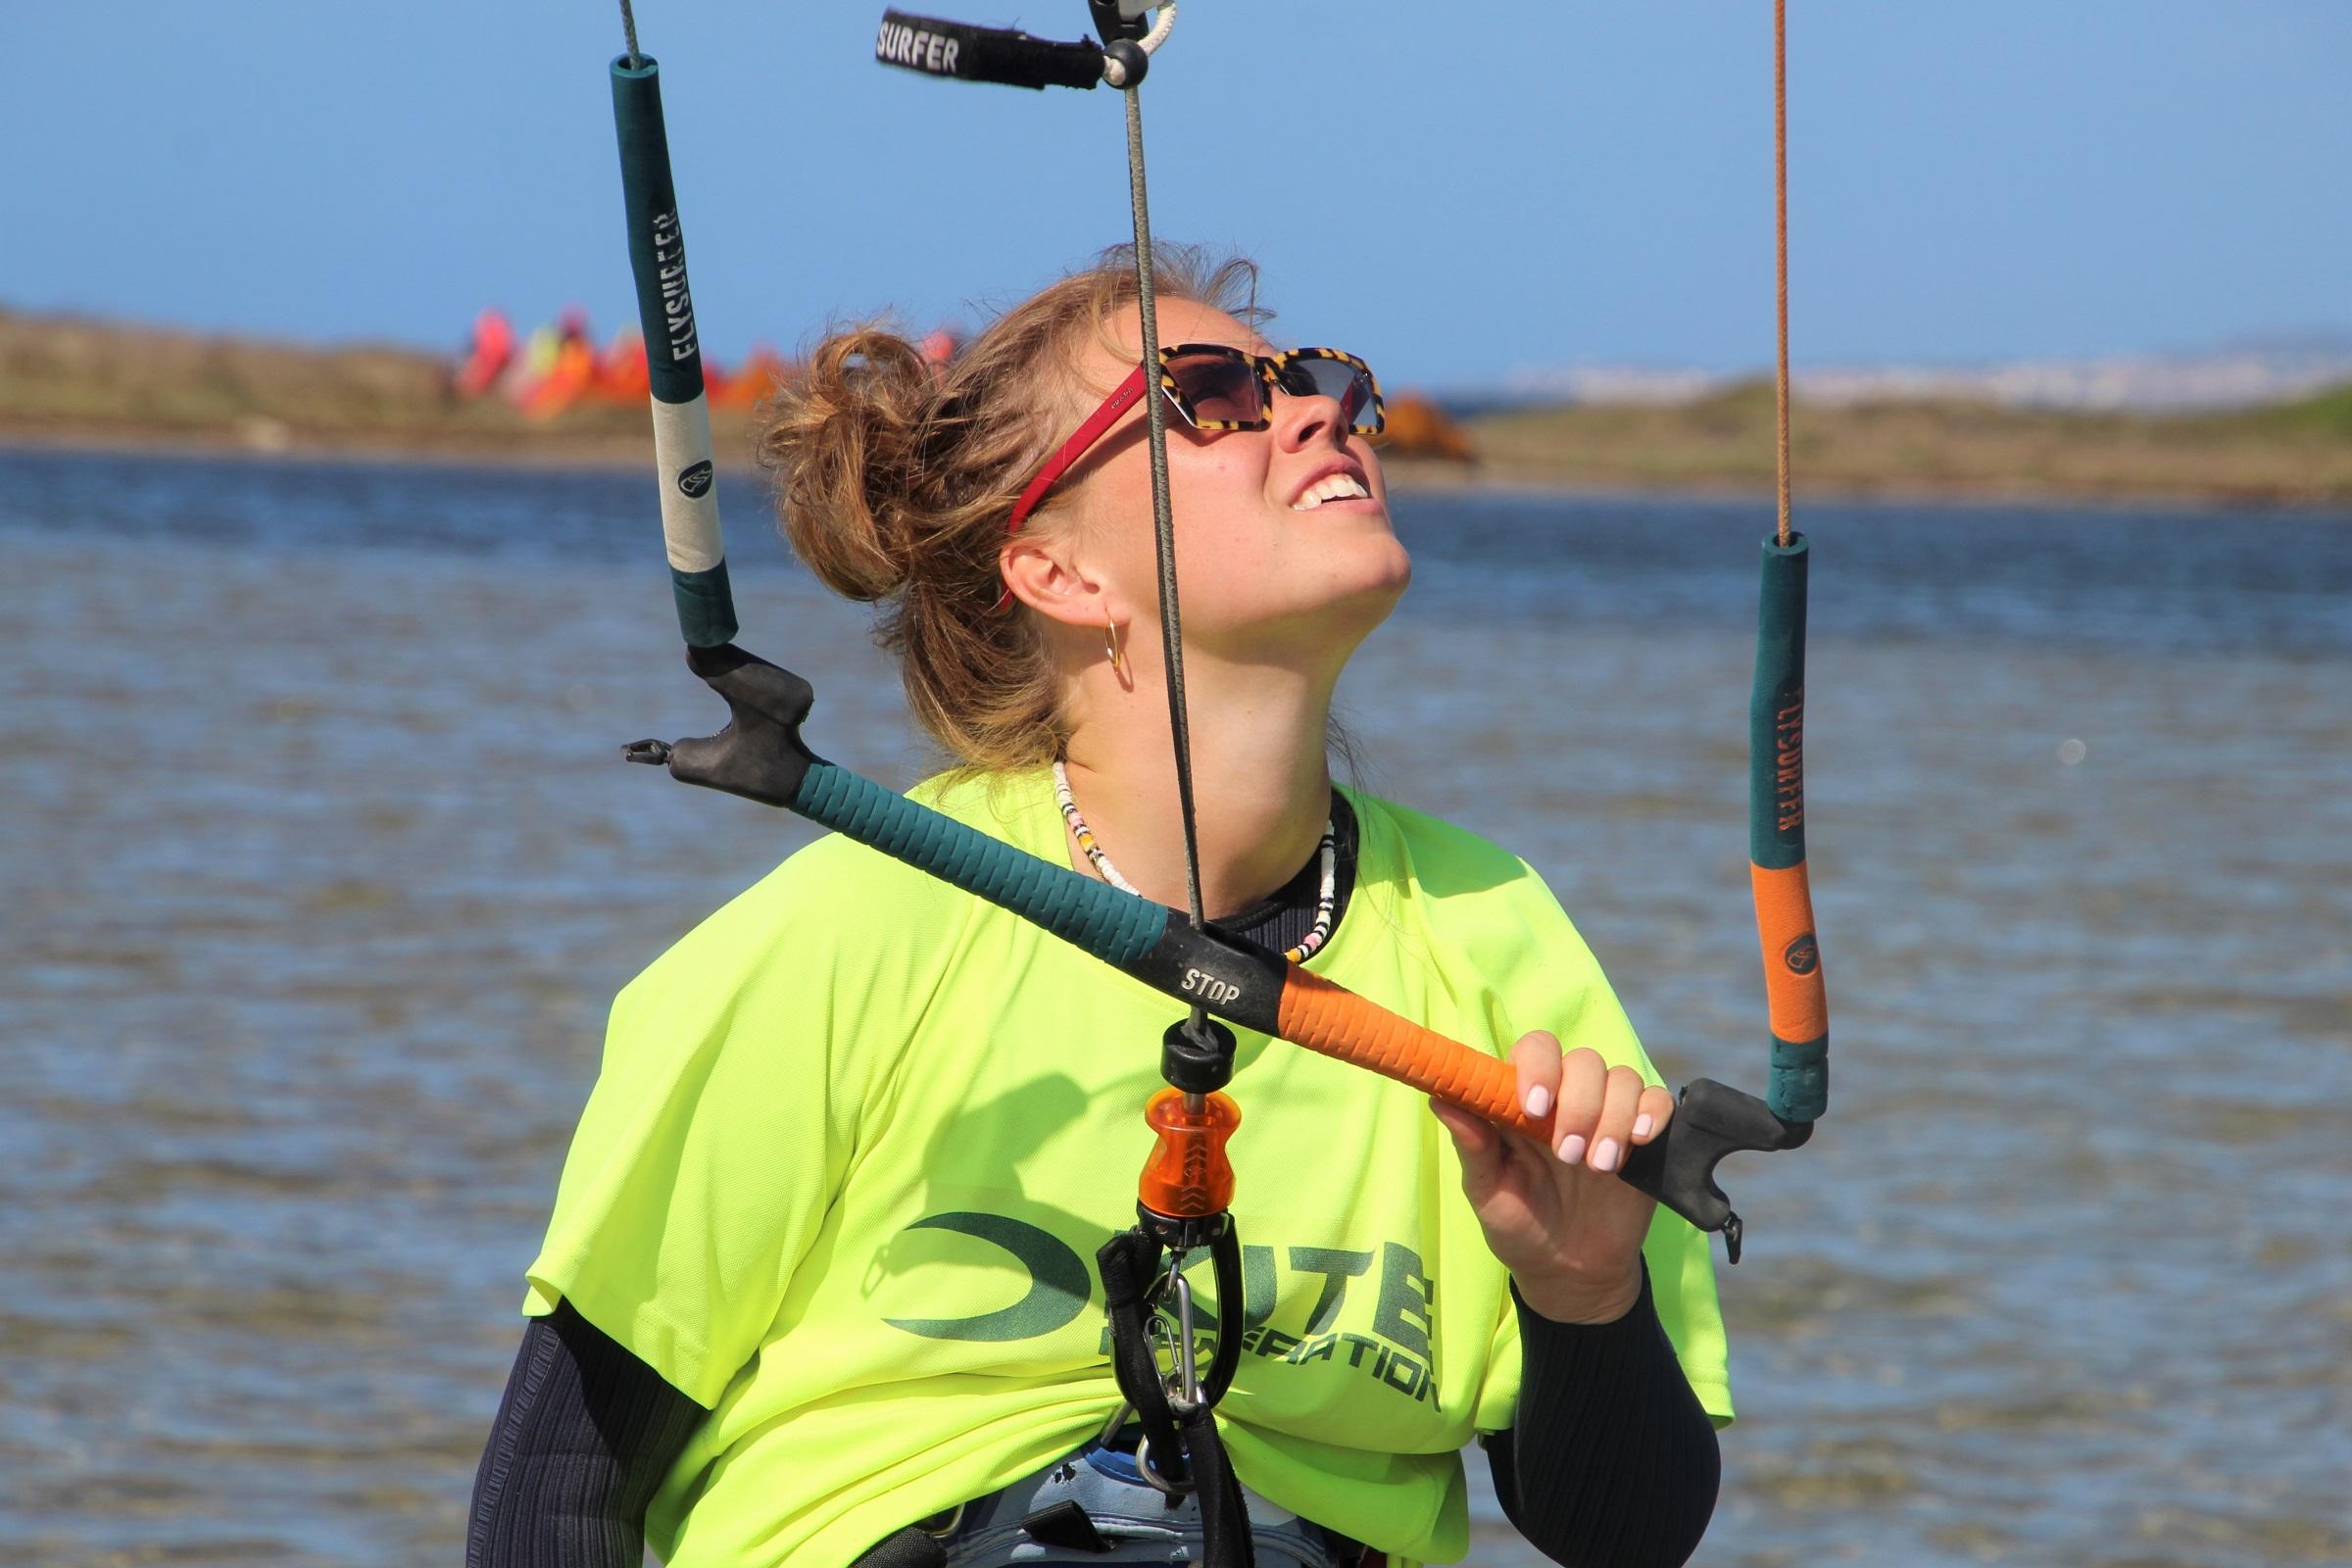 Larn Kitesurfing in PUnta Trettu Sardinia